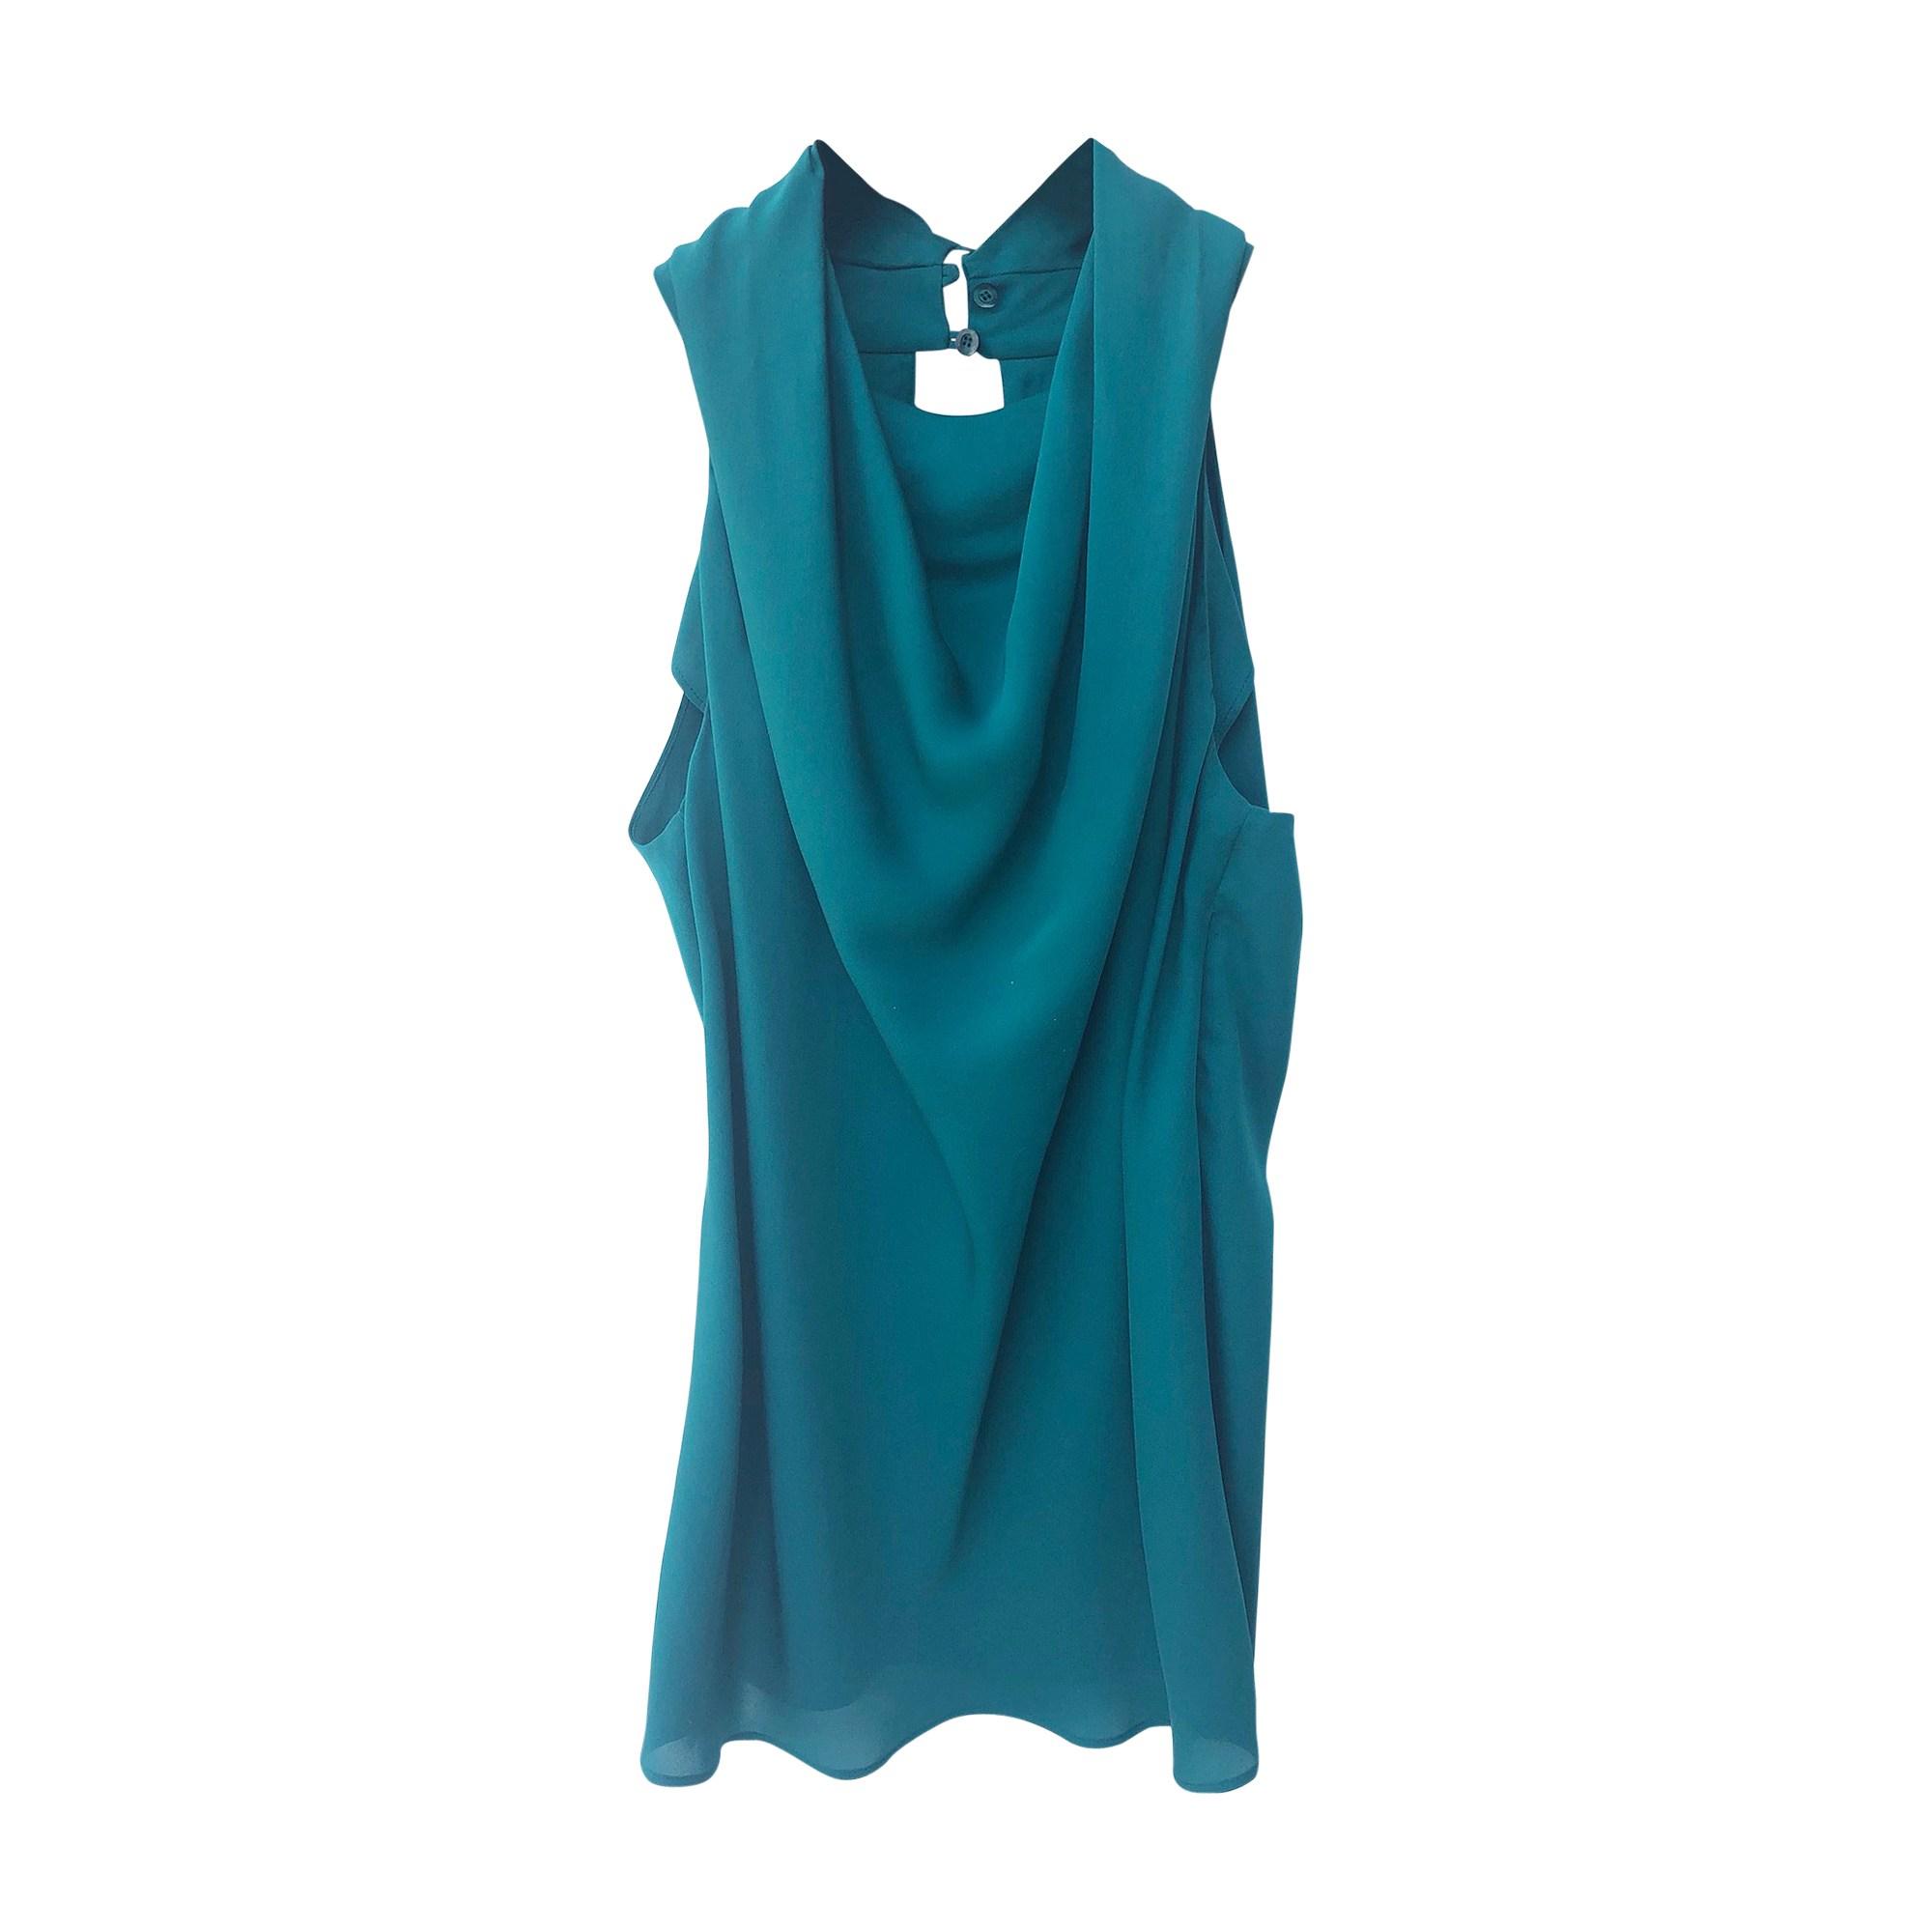 Bluse GUCCI Bleu/vert